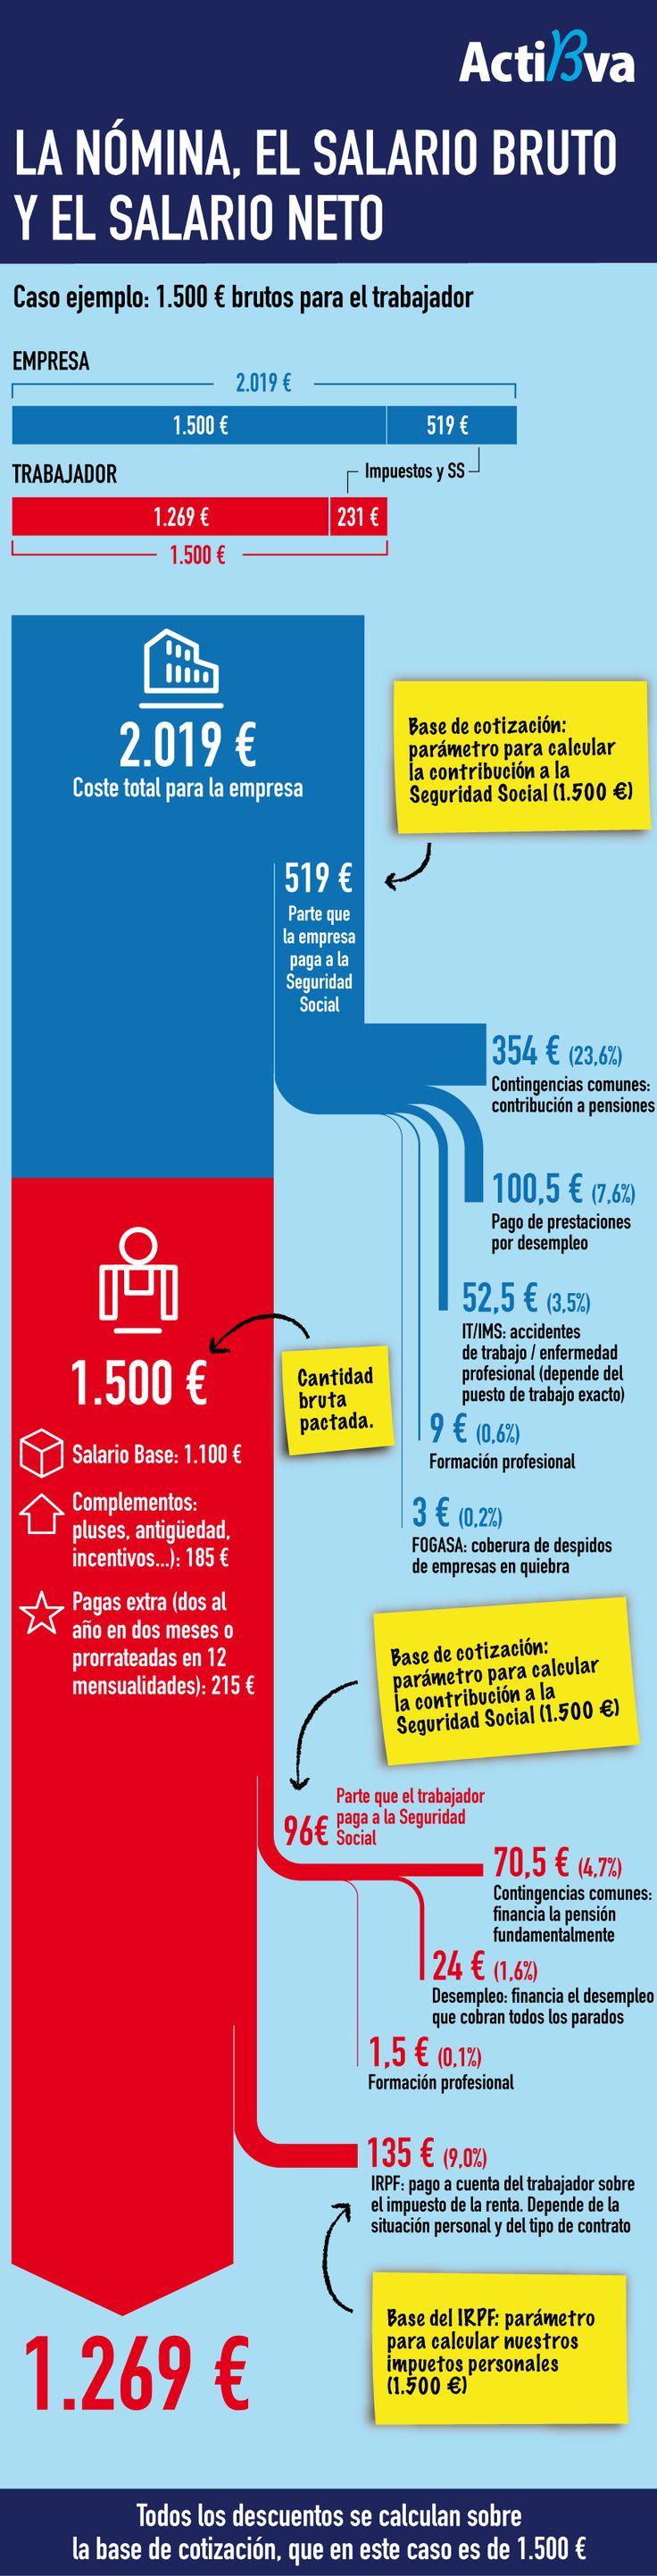 La nómina, el salario bruto y el salario neto por ActiBva.